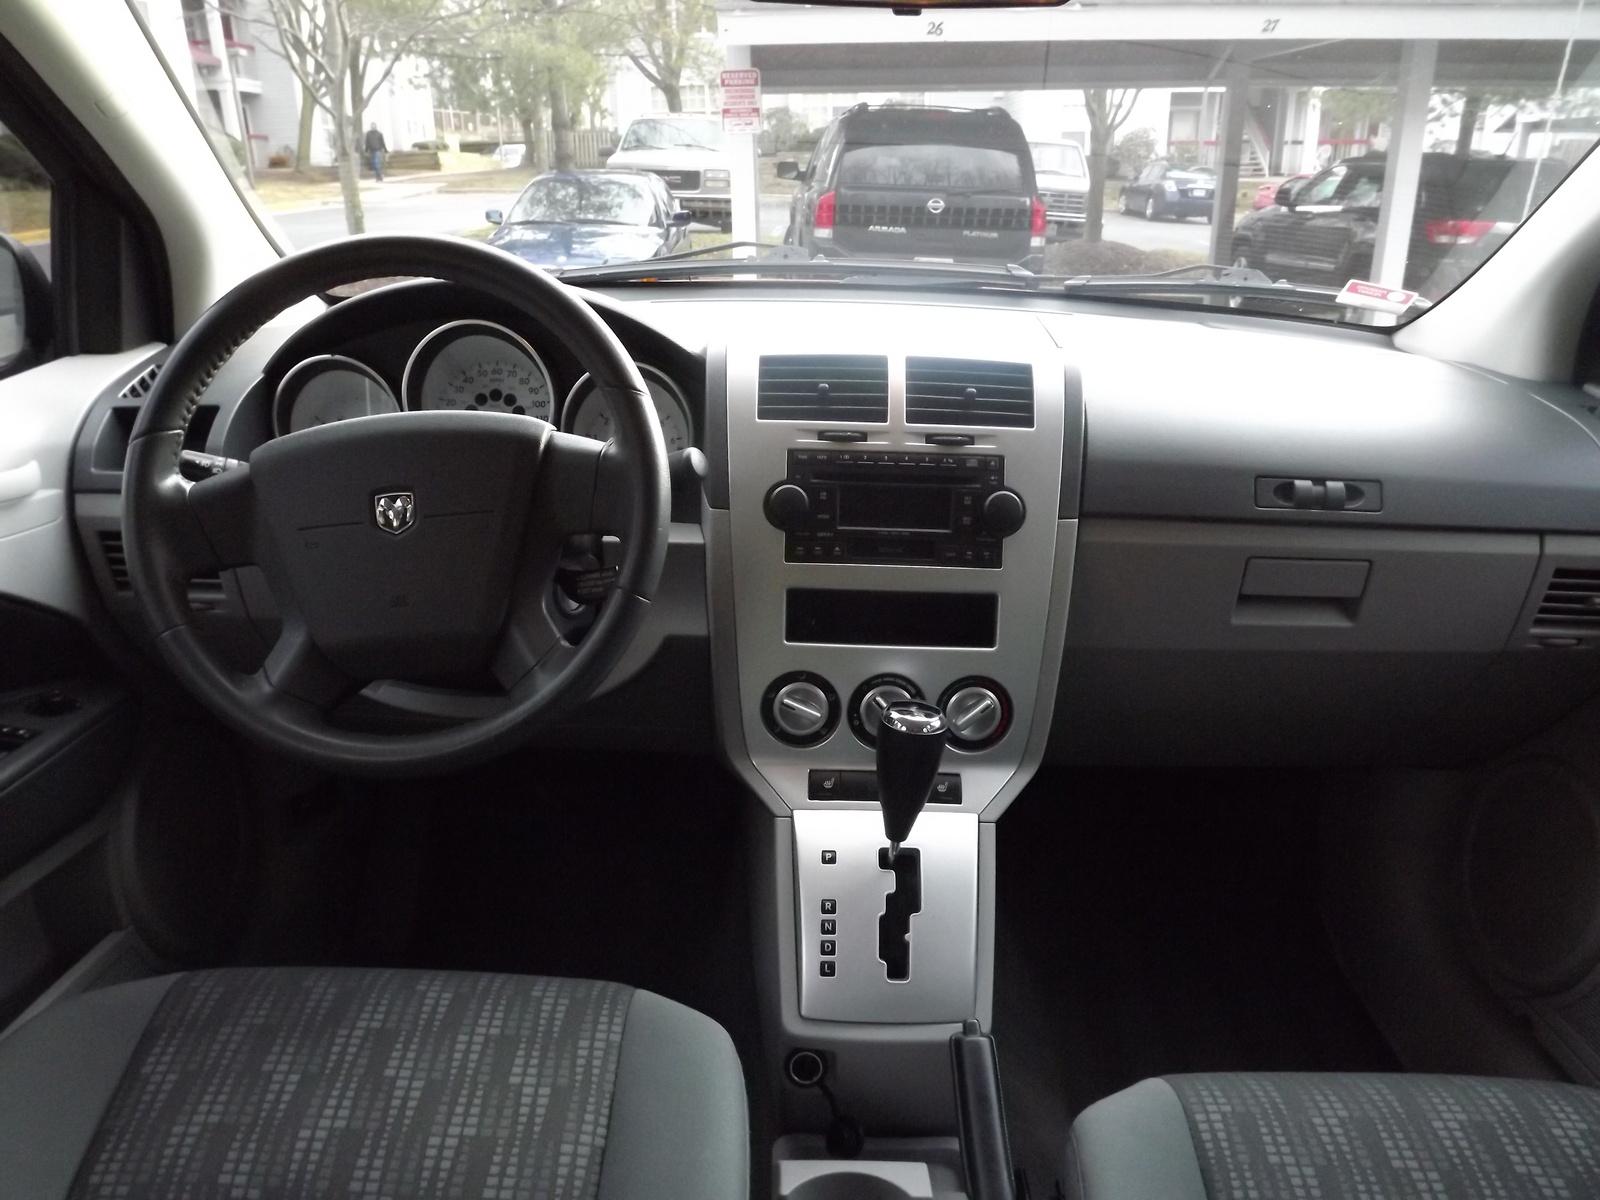 2007 Dodge Caliber Pictures Cargurus